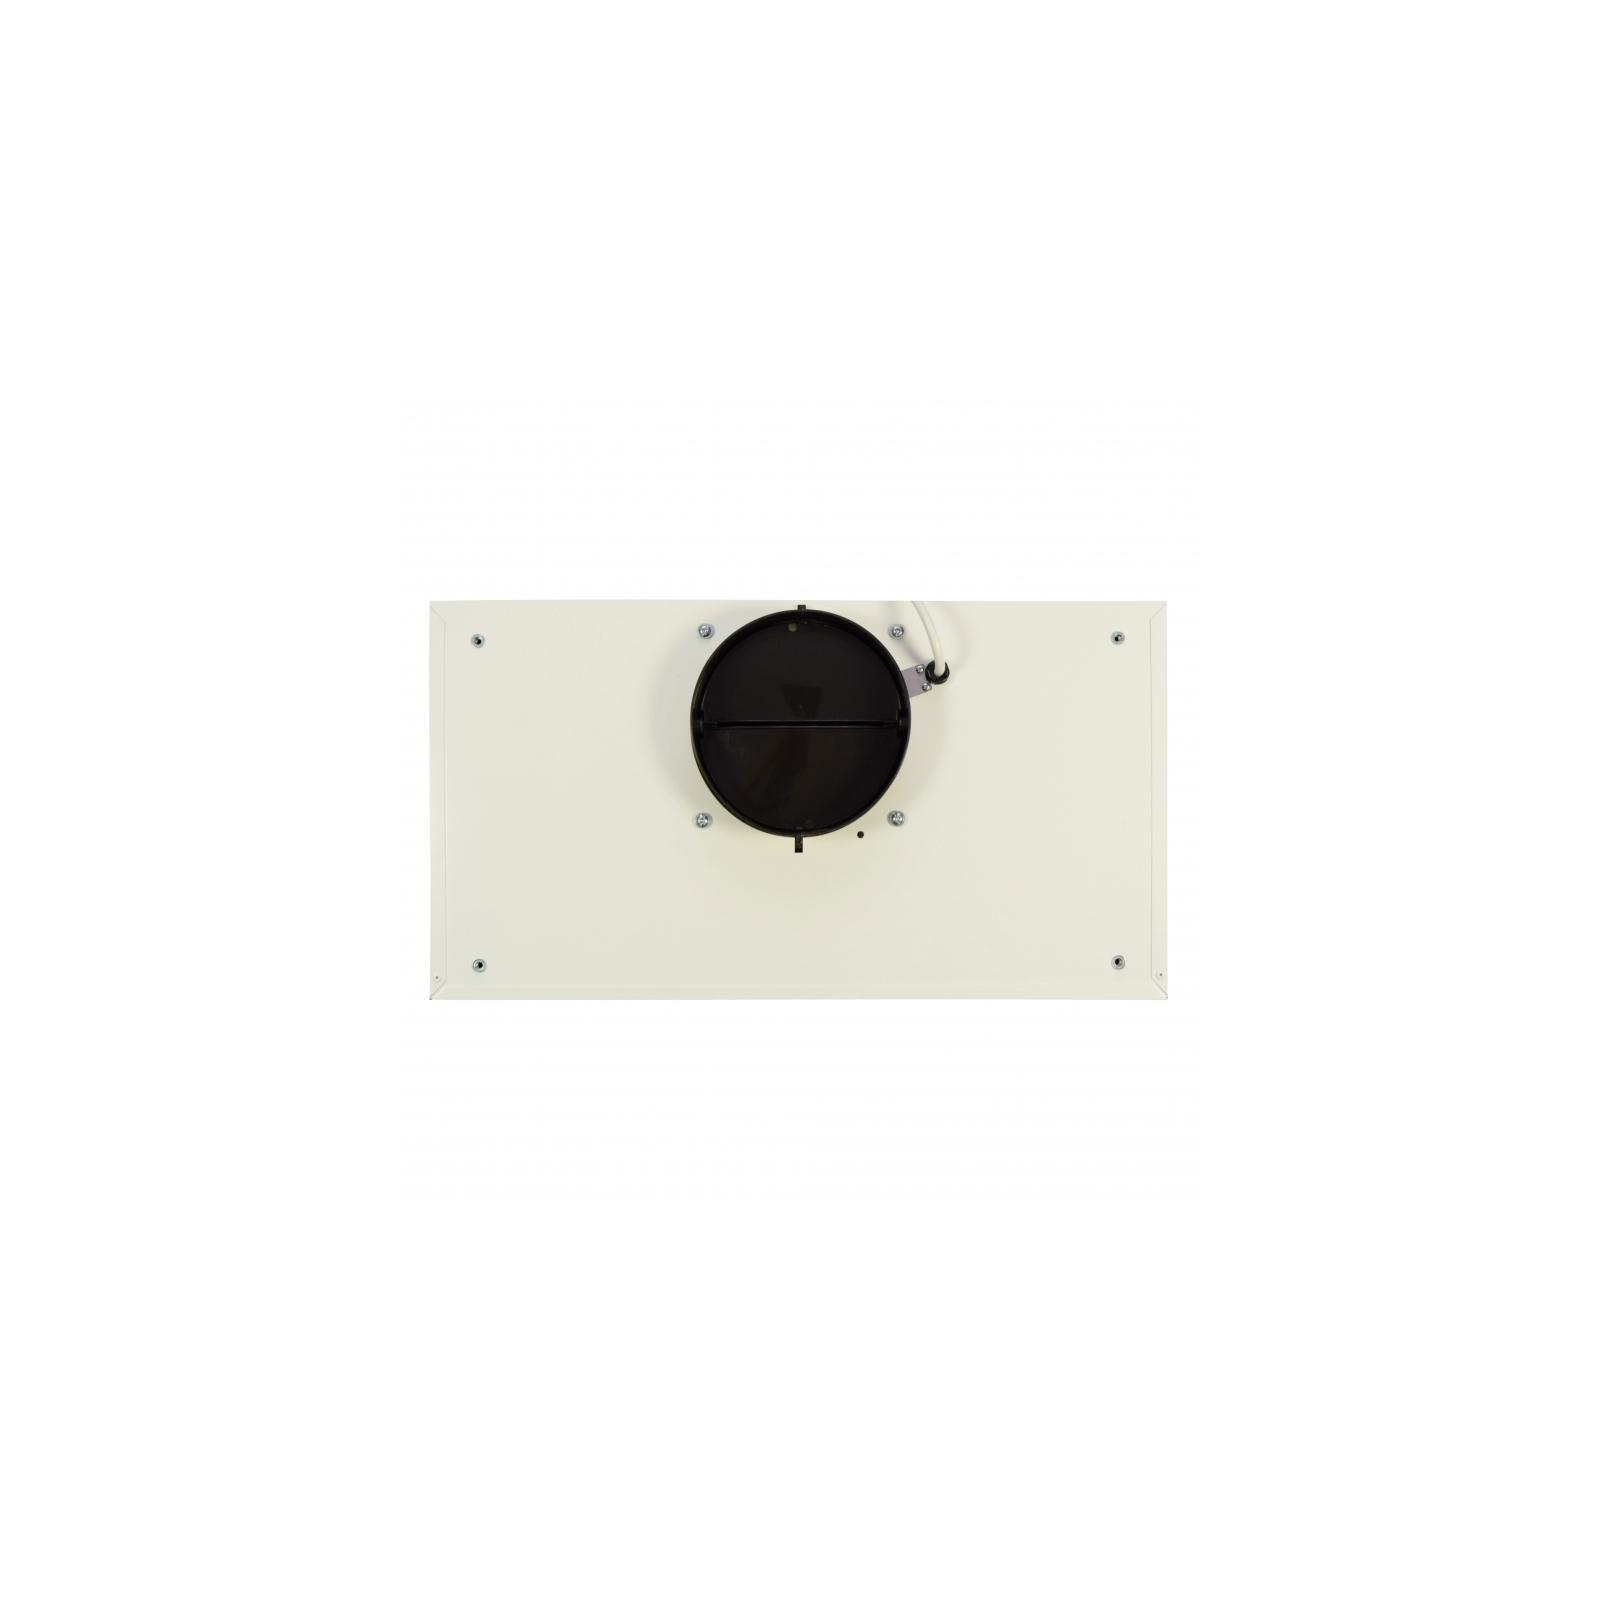 Вытяжка кухонная ELEYUS Storm 1200 LED 60 IS изображение 7